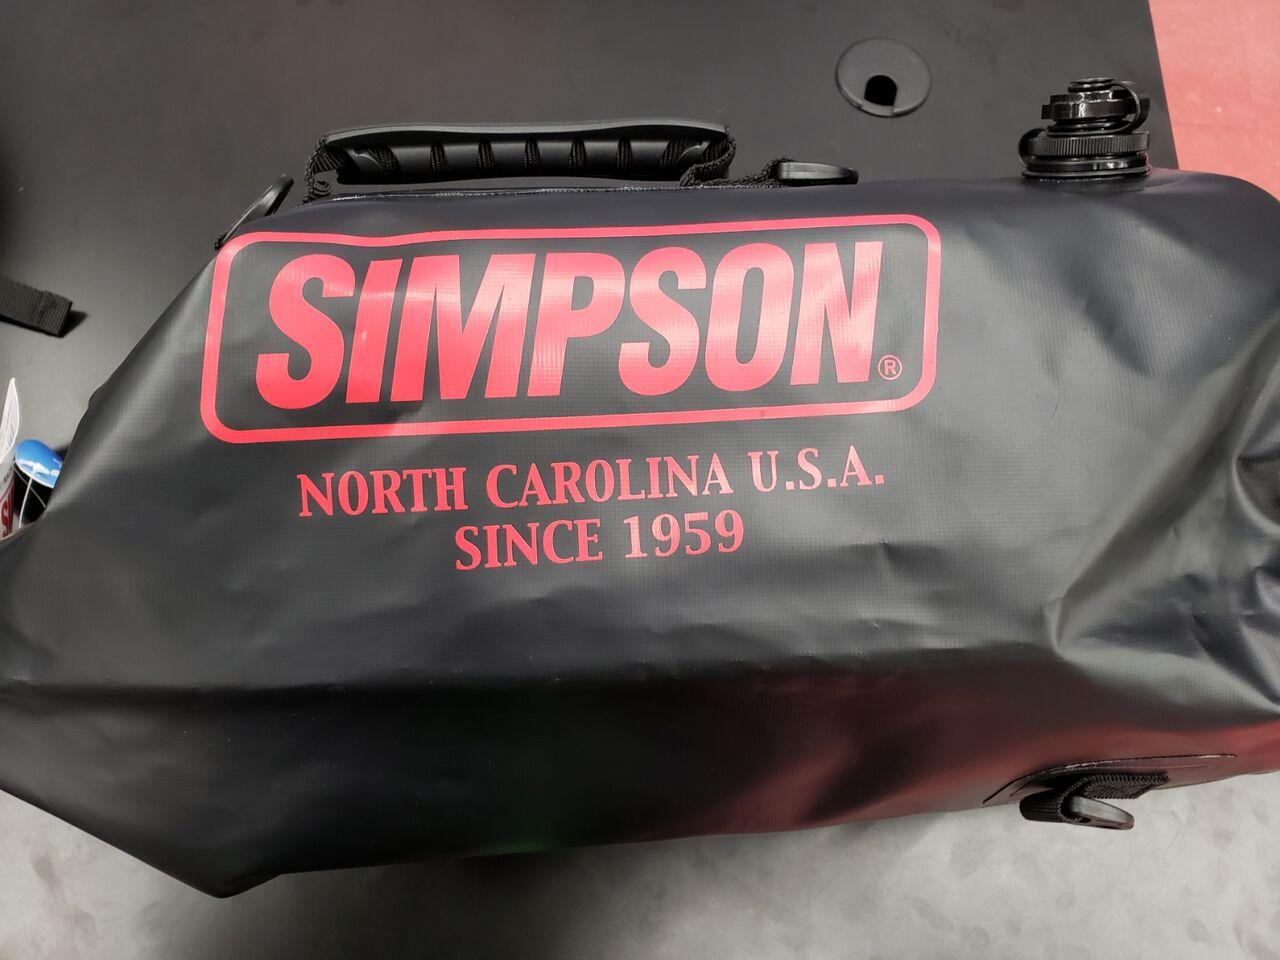 SB-318 ウォータープルーフロールアップバッグ ブラック×レッド